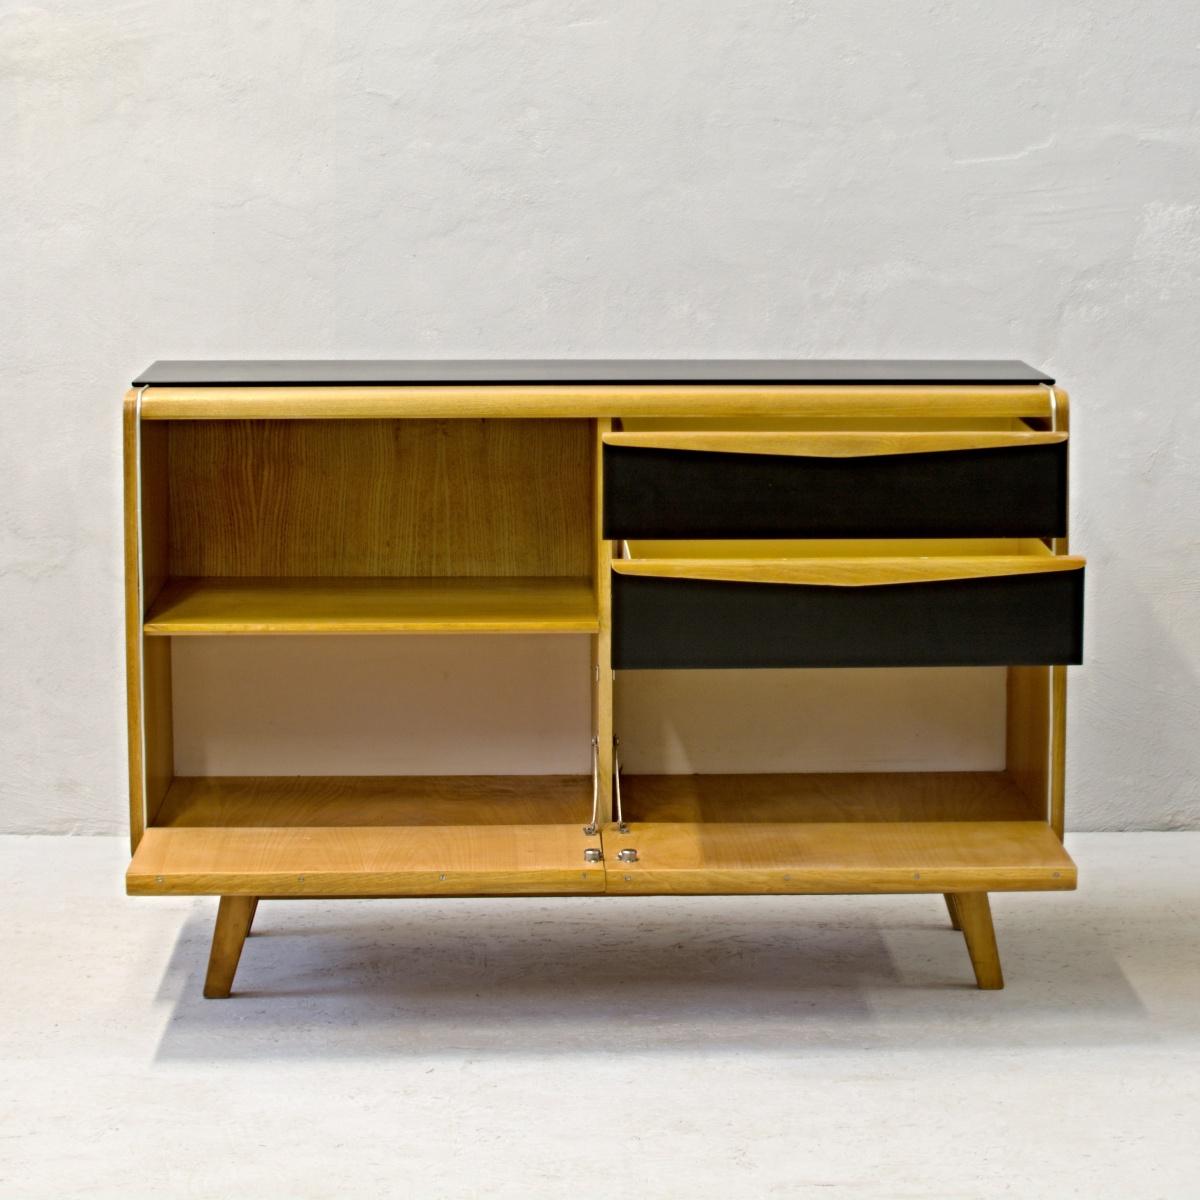 komoda jitona s černými šuplíky retro nábytek soběslav po renovaci oživeno